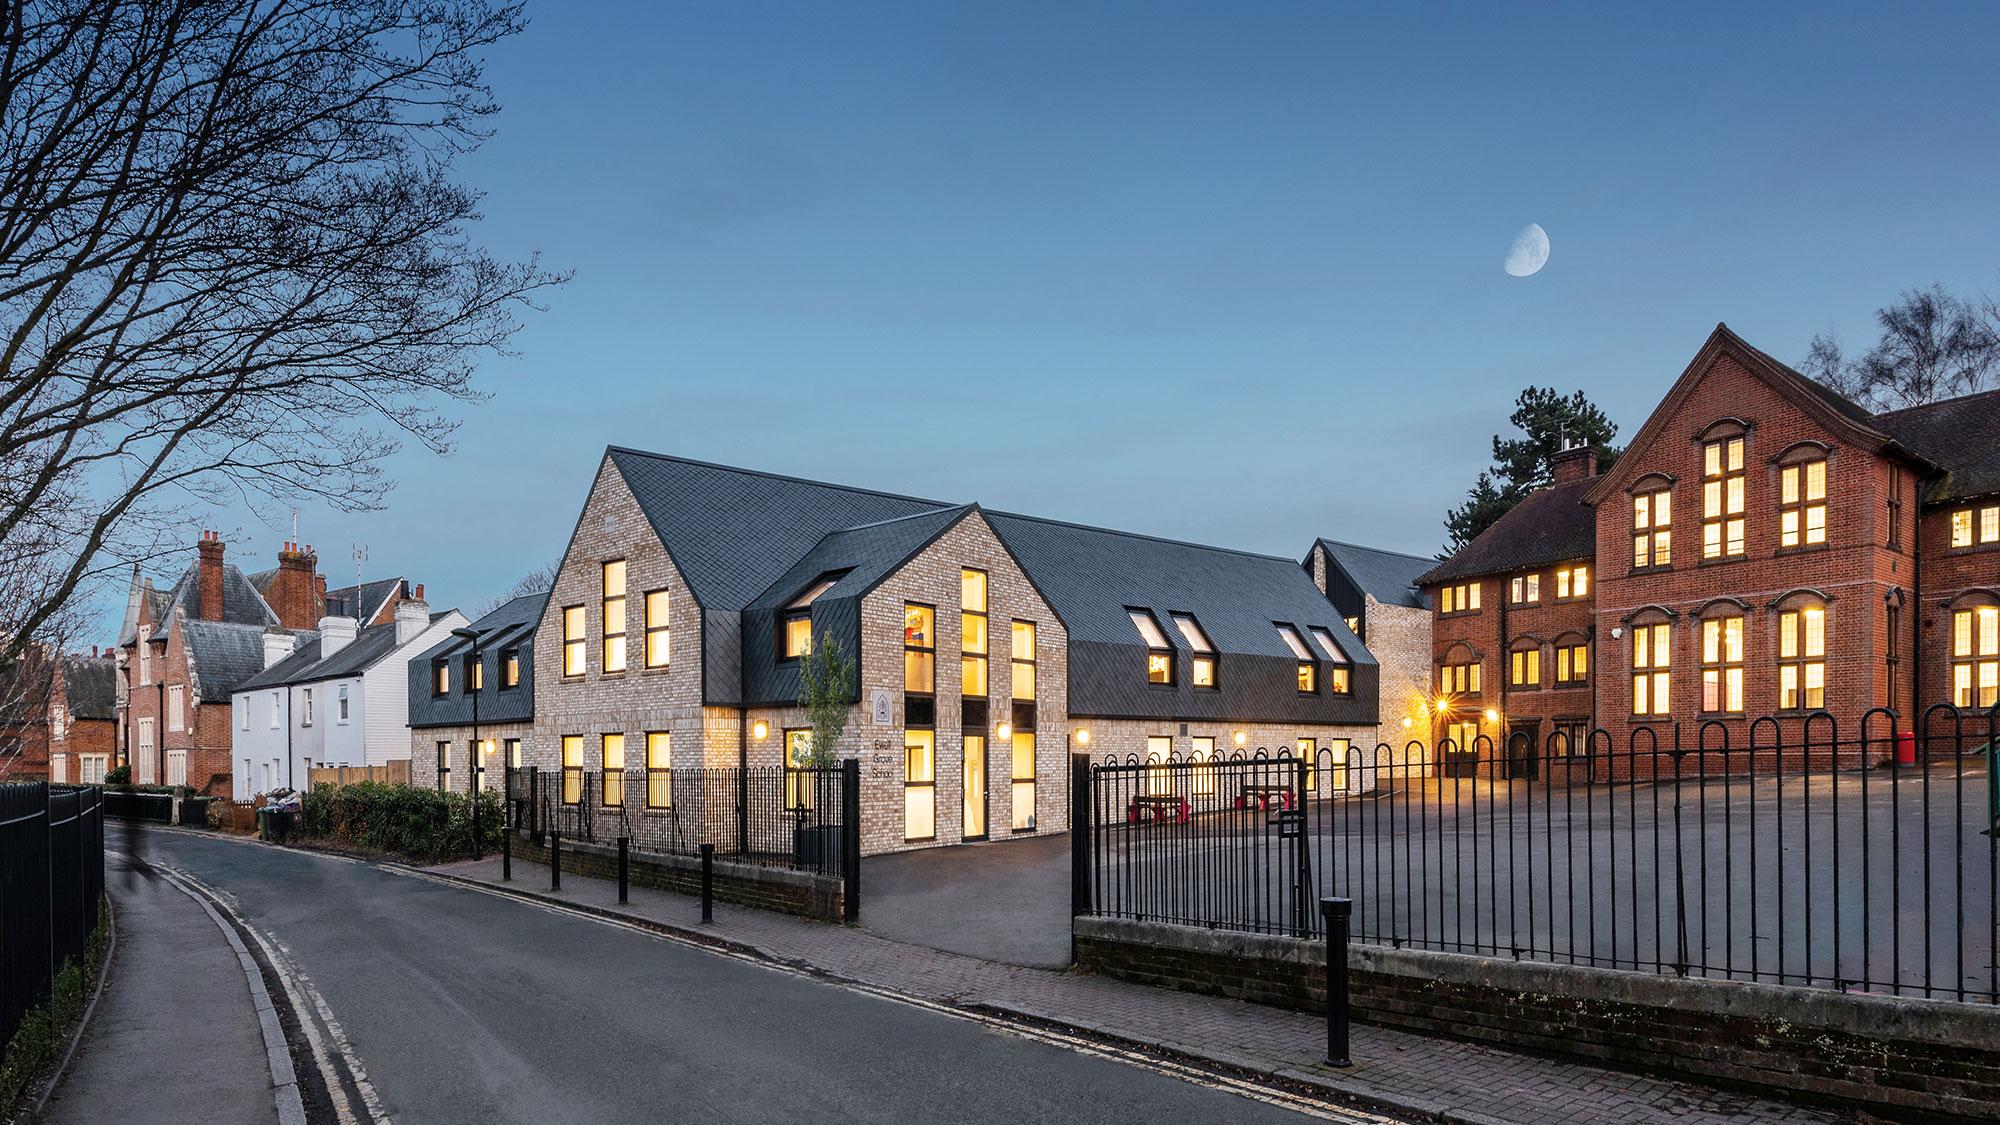 Ewell Grove Primary School exterior